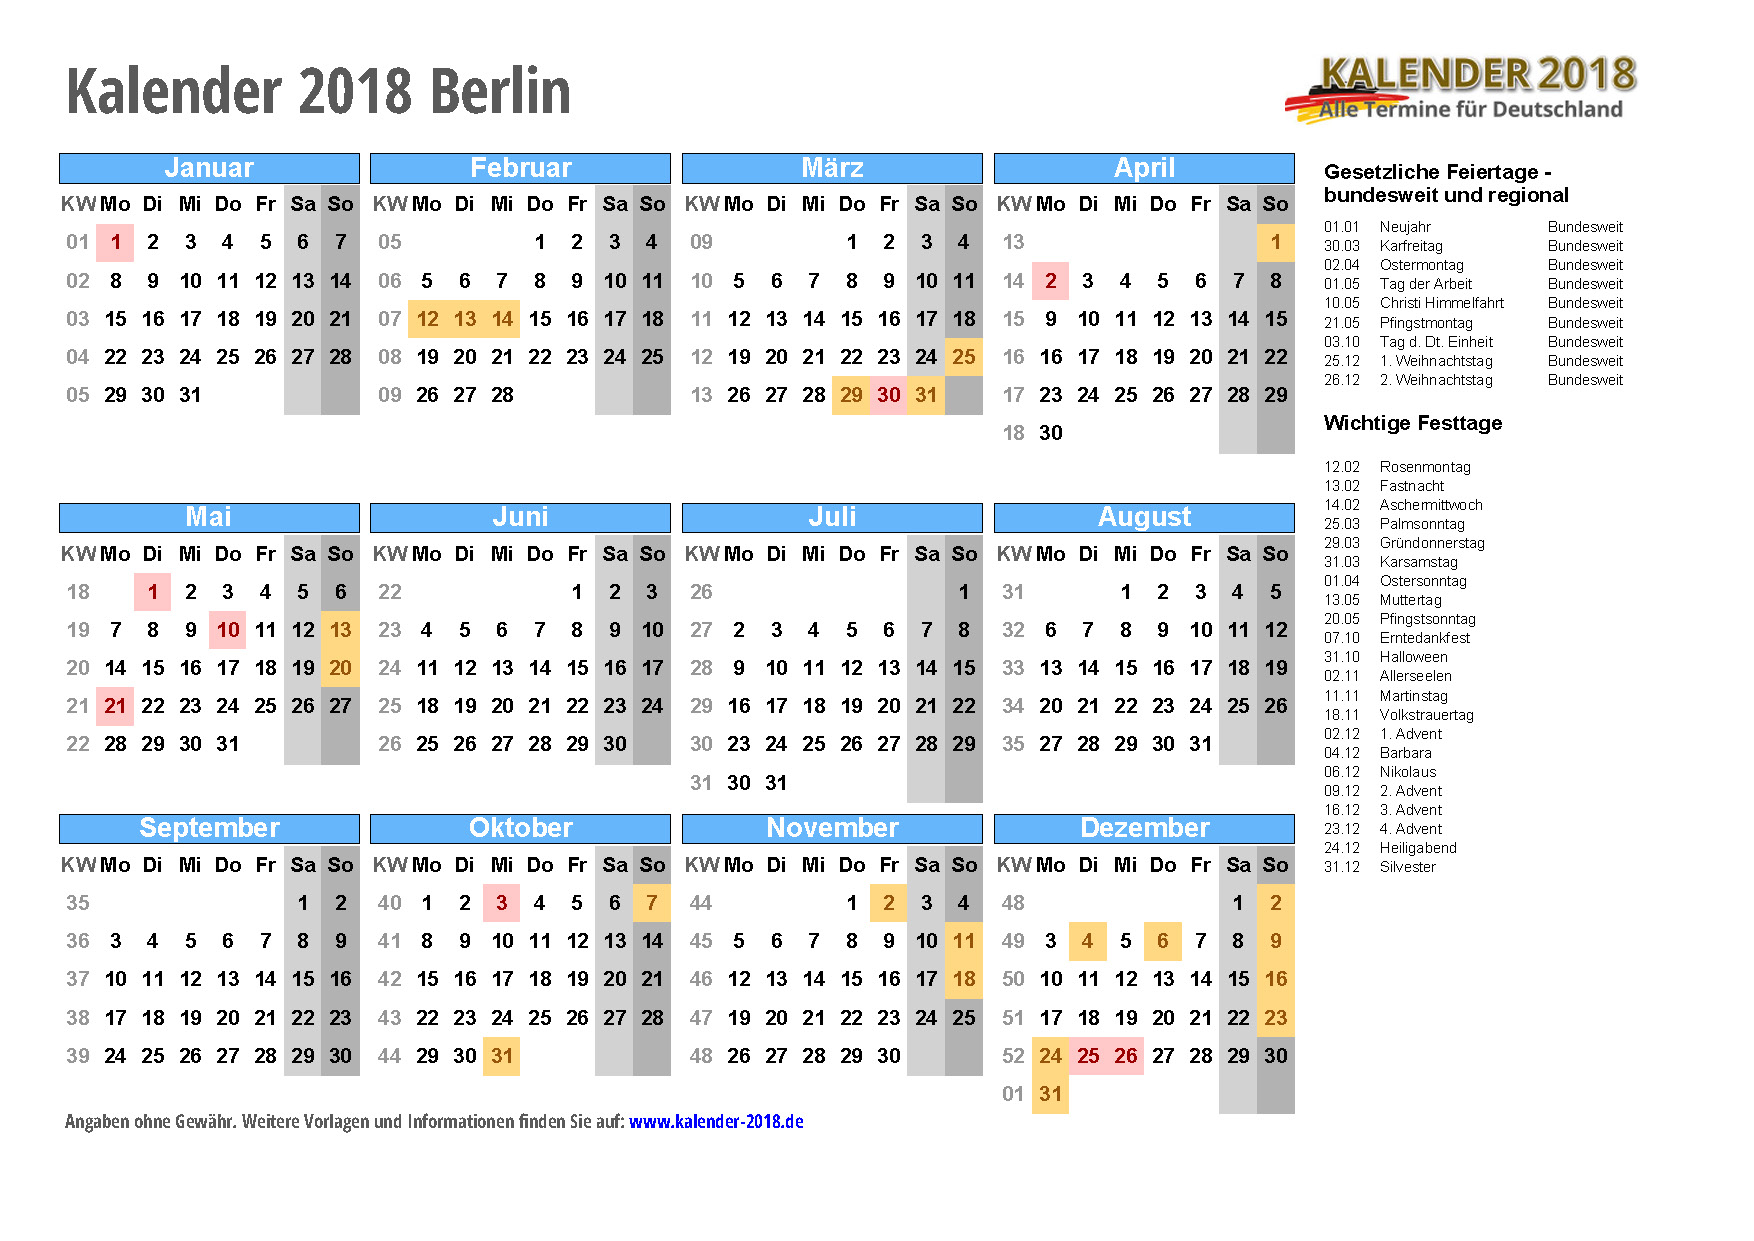 feiertage in berlin